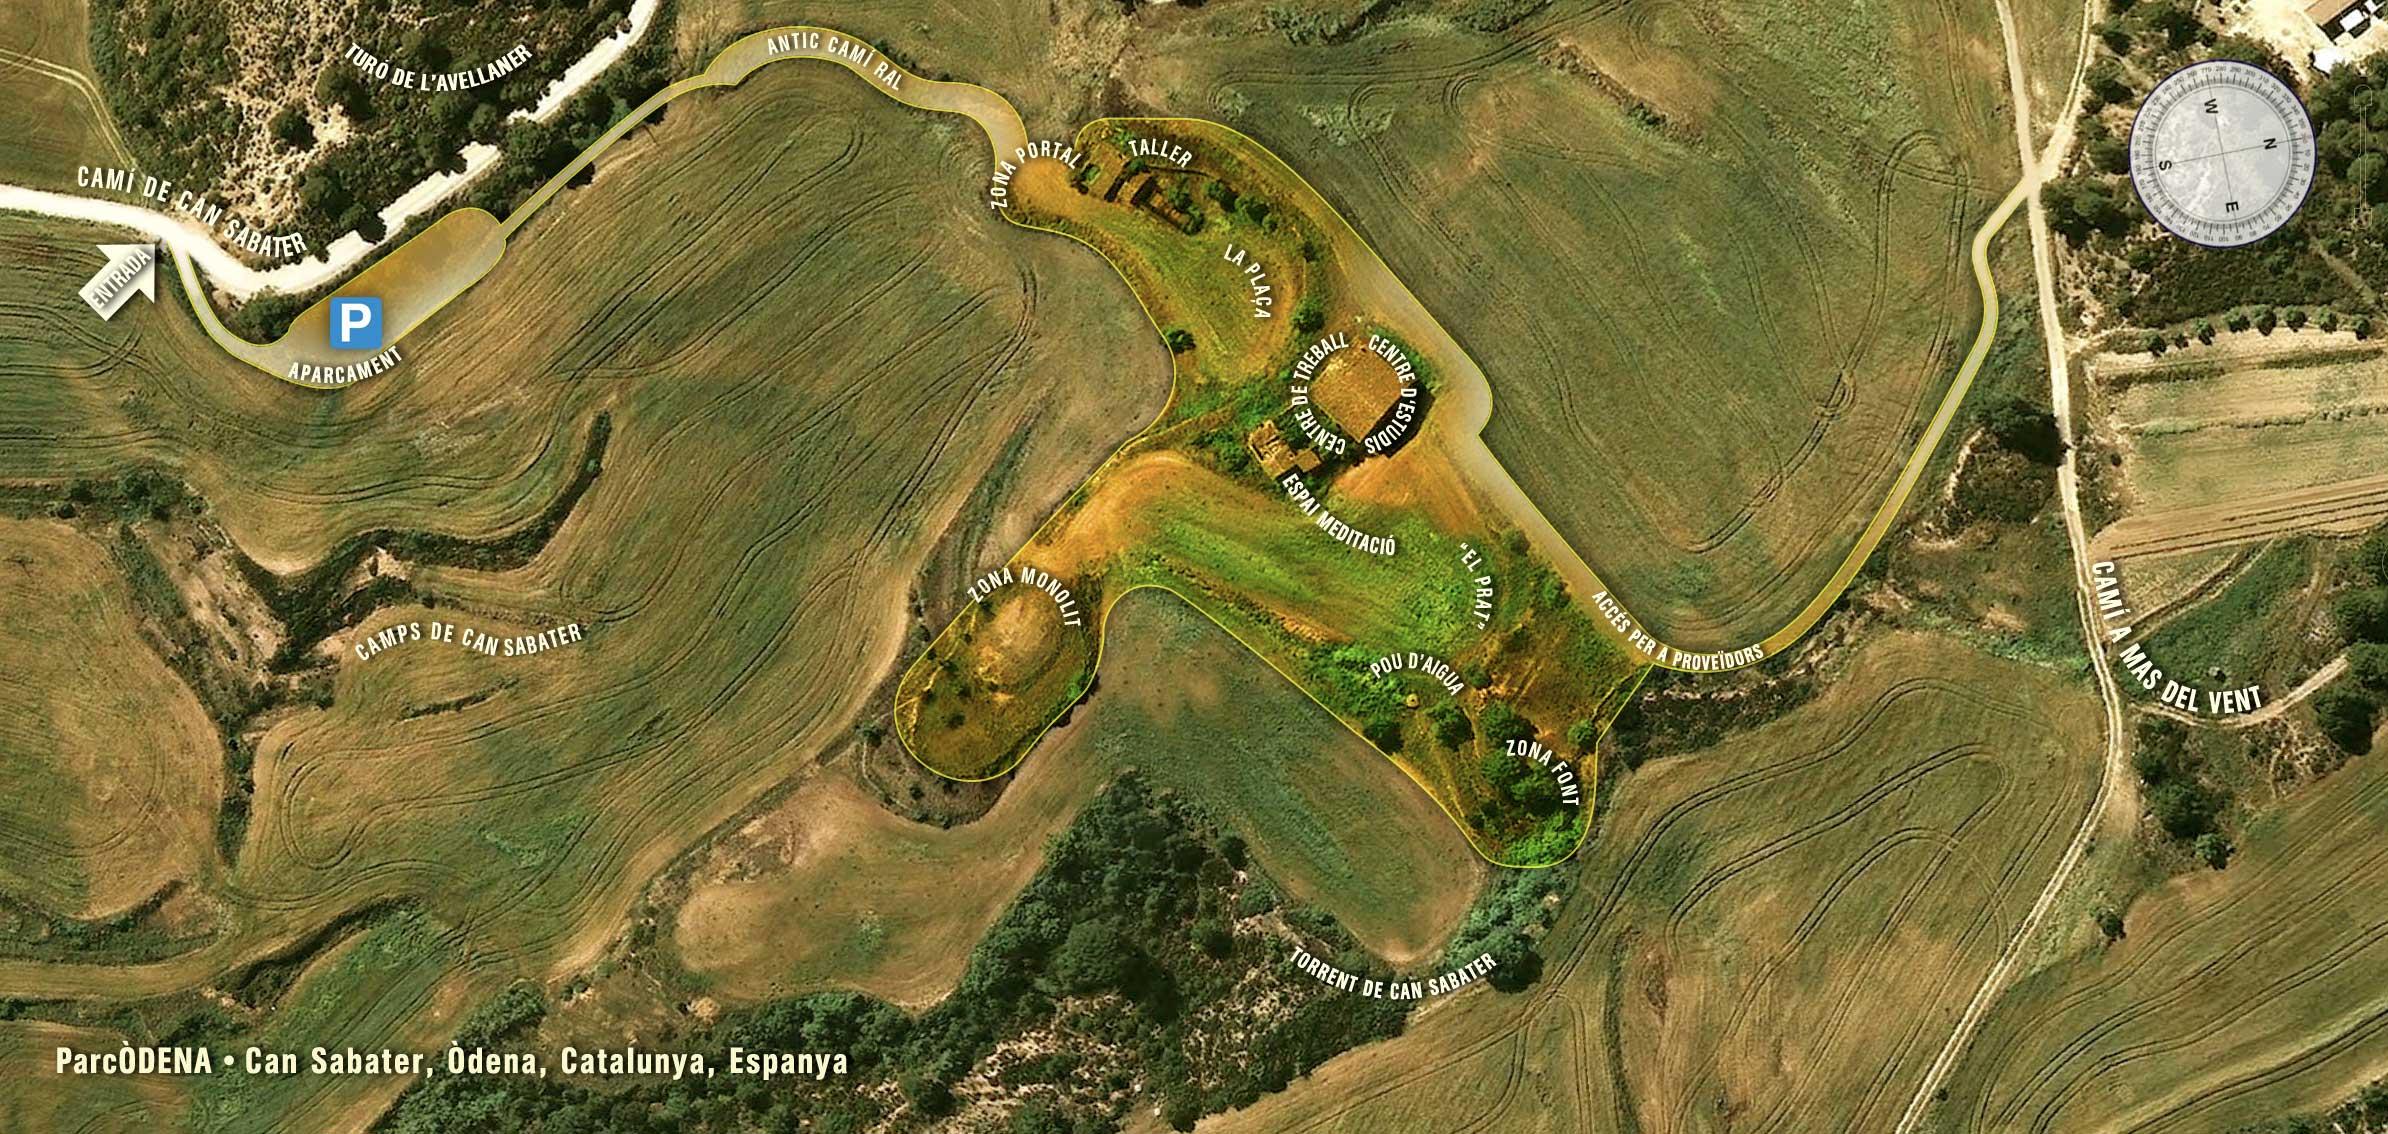 Plano de ParcÒDENA: caminos de acceso, límites del terreno, edificaciones y zonas de los momumentos.